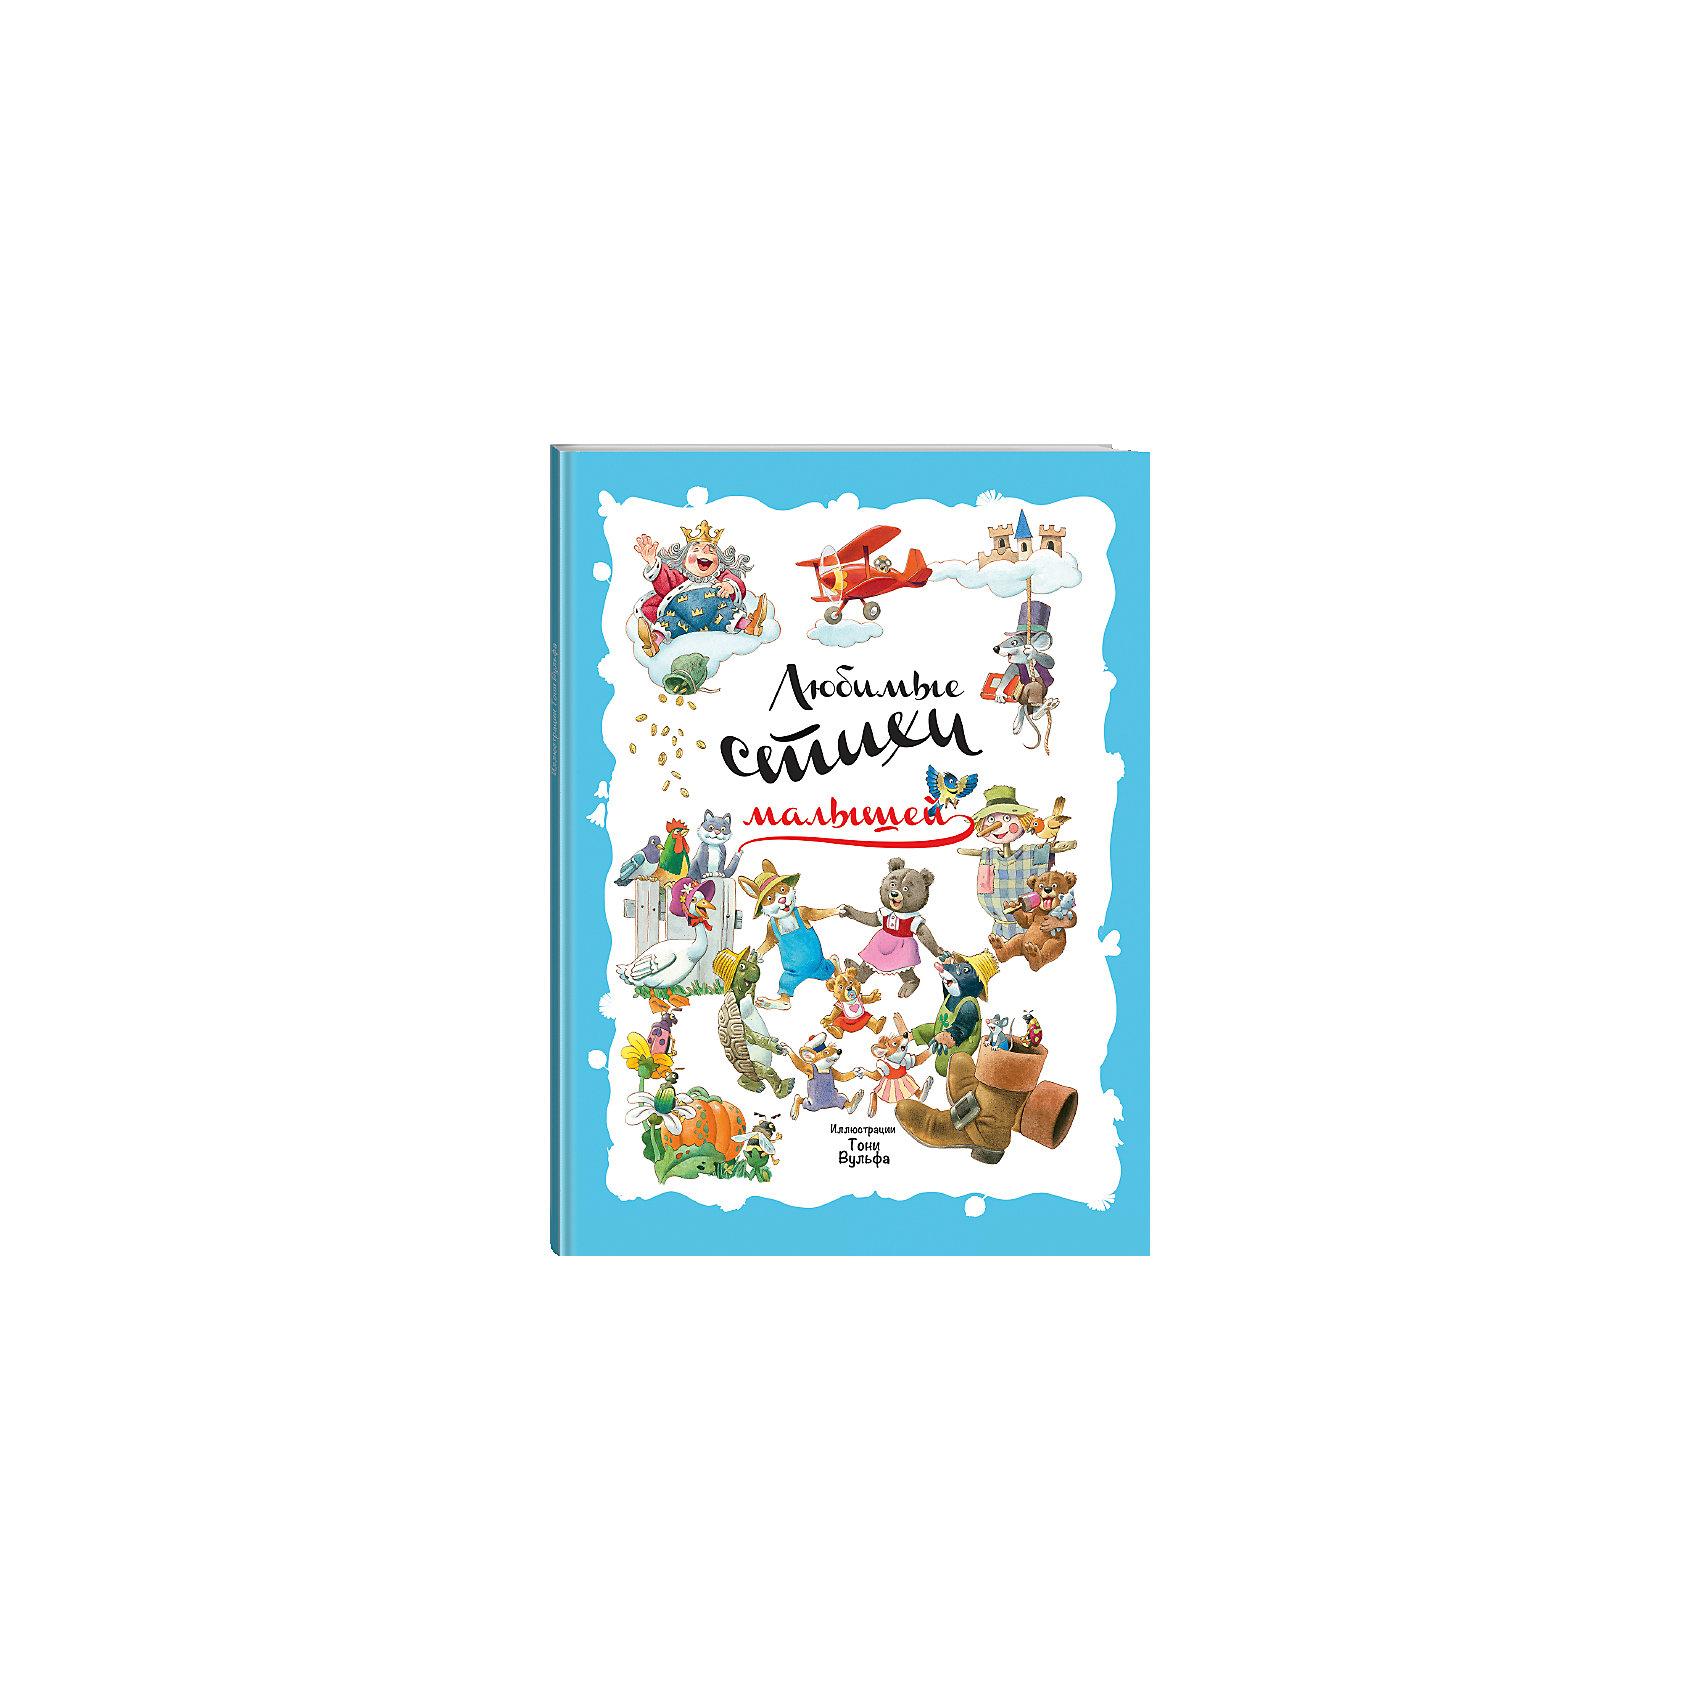 Книга Любимые стихи малышейСтихи<br>Книга Любимые стихи малышей – эта красочно иллюстрированная книга станет любимой книгой вашего малыша.<br>Роскошная книга Любимые стихи малышей станет прекрасным подарком любому малышу. Здесь на каждой странице чудесная иллюстрация Тони Вульфа сопровождает замечательное стихотворение из Золотого фонда русской детской классики (в книгу вошли стихотворения Зинаиды Александровой, Ирины Токмаковой, Бориса Заходера, Андрея Усачева и других поэтов). А если учесть, что книга большого формата богато оформлена золотым тиснением, то становится ясно, что лучшего подарка для малыша и не придумаешь. Для чтения взрослыми детям.<br><br>Дополнительная информация:<br><br>- Художник: Вульф Тони<br>- Редактор: Саломатина Е. И.<br>- Издательство: Эксмо, 2015 г.<br>- Серия: Книги с иллюстрациями Т.Вульфа и М.Вульфа<br>- Тип обложки: 7Бц - твердая, целлофанированная (или лакированная)<br>- Оформление: тиснение золотом<br>- Иллюстрации: цветные<br>- Количество страниц: 56 (мелованная)<br>- Размер: 288x217x9 мм.<br>- Вес: 494 гр.<br><br>Книгу Любимые стихи малышей можно купить в нашем интернет-магазине.<br><br>Ширина мм: 288<br>Глубина мм: 217<br>Высота мм: 9<br>Вес г: 496<br>Возраст от месяцев: 0<br>Возраст до месяцев: 36<br>Пол: Унисекс<br>Возраст: Детский<br>SKU: 4355918